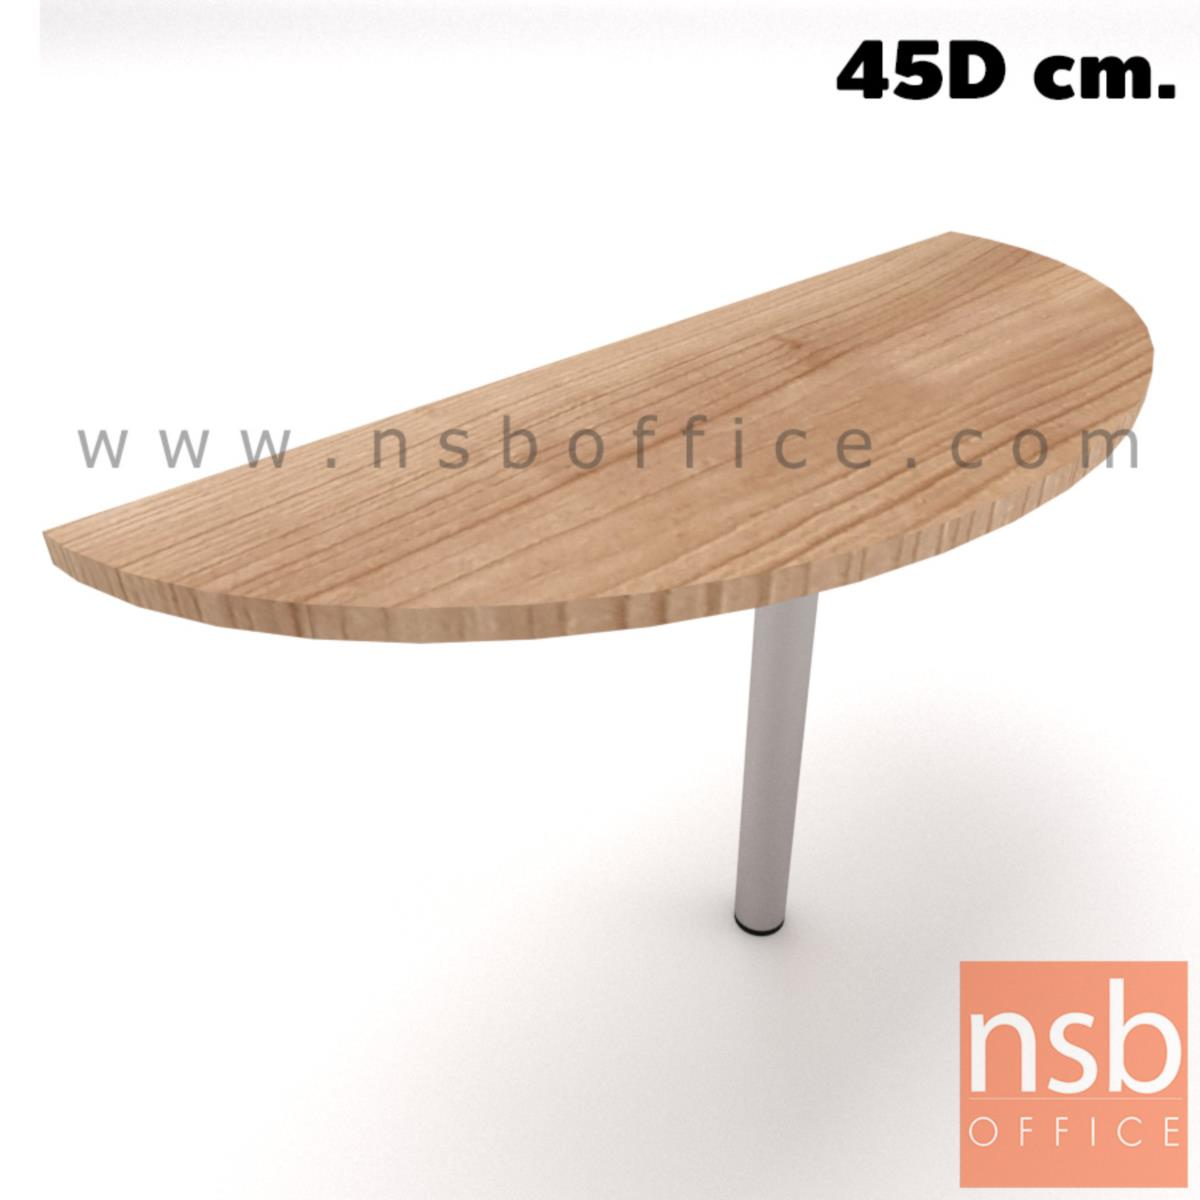 โต๊ะเข้ามุมหัวโค้งแต่ไม่ครึ่งวงกลม รุ่น NSB-2045 ขนาด 120W ,150W ,160W*45D cm.  ขากลมโครเมี่ยม